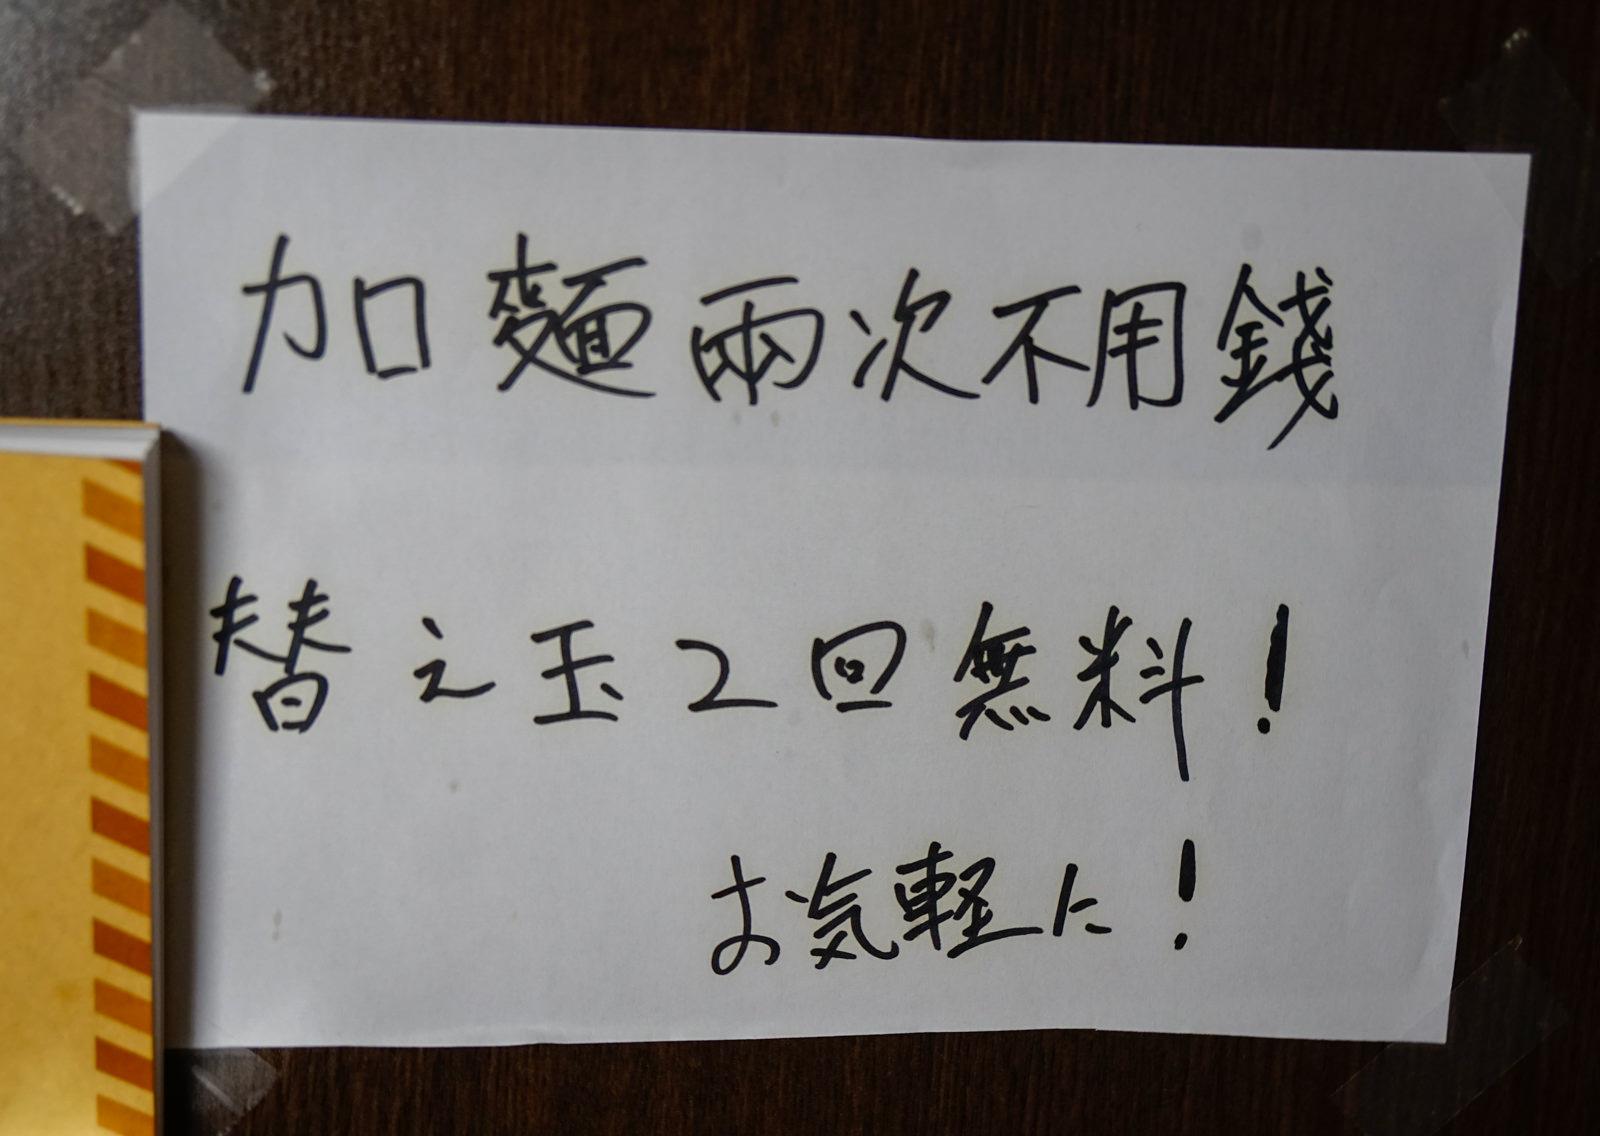 [高雄]RAMEN初ui-道地日本味蔥豚骨拉麵! 蔥花滿滿超有誠意 濃郁豚骨湯頭 高雄拉麵推薦 @美食好芃友